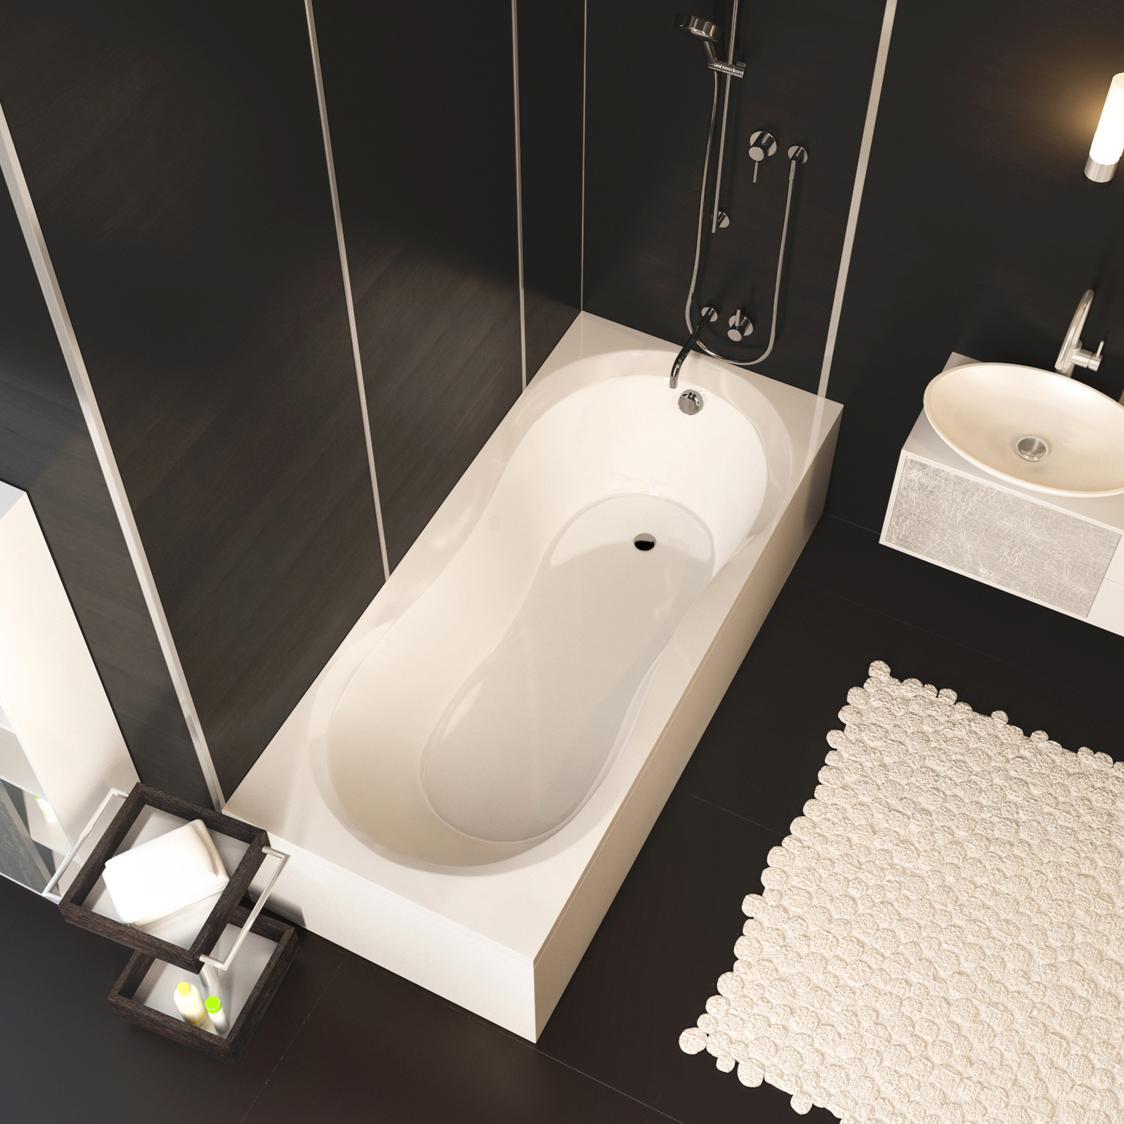 Акриловая ванна Alpen Mars 160x70 аккумулятор nano tech аналог bn 01 1500 mah для nokia x x